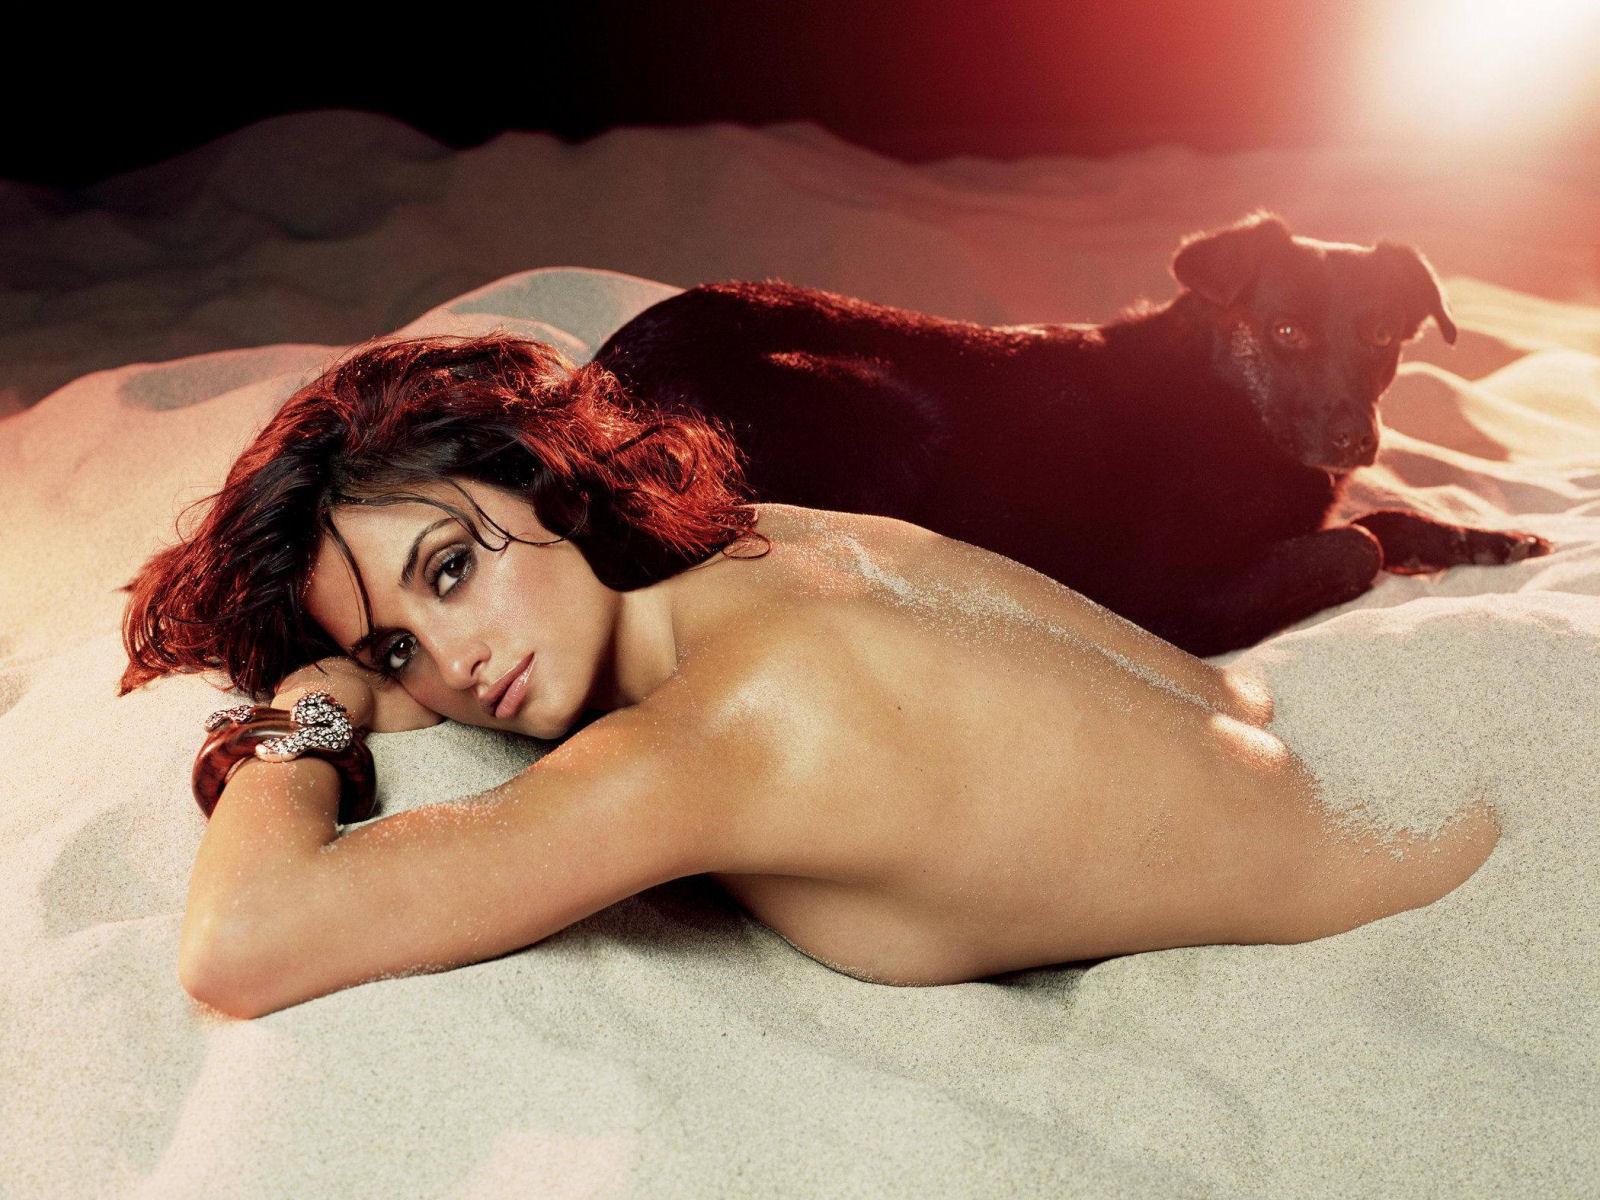 http://1.bp.blogspot.com/-aWGnUoYI1Ns/TddGzbQR83I/AAAAAAAABjY/9Scih02Y9DA/s1600/Penelope-Cruz-2.jpg